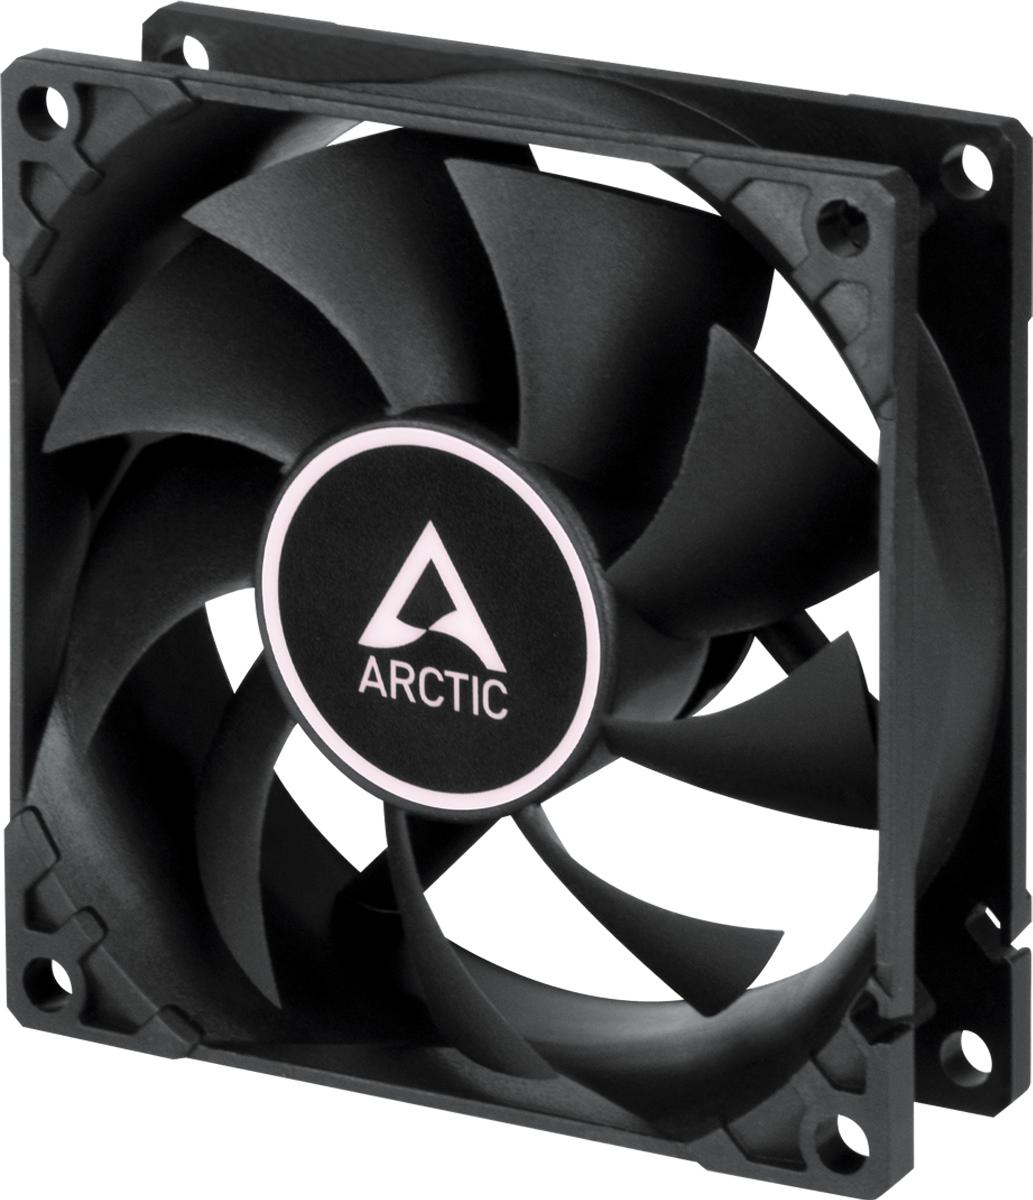 Arctic F8 Case Fan - 80mm case fan low noise - Black Color - Arctic 2.35.64.00.077